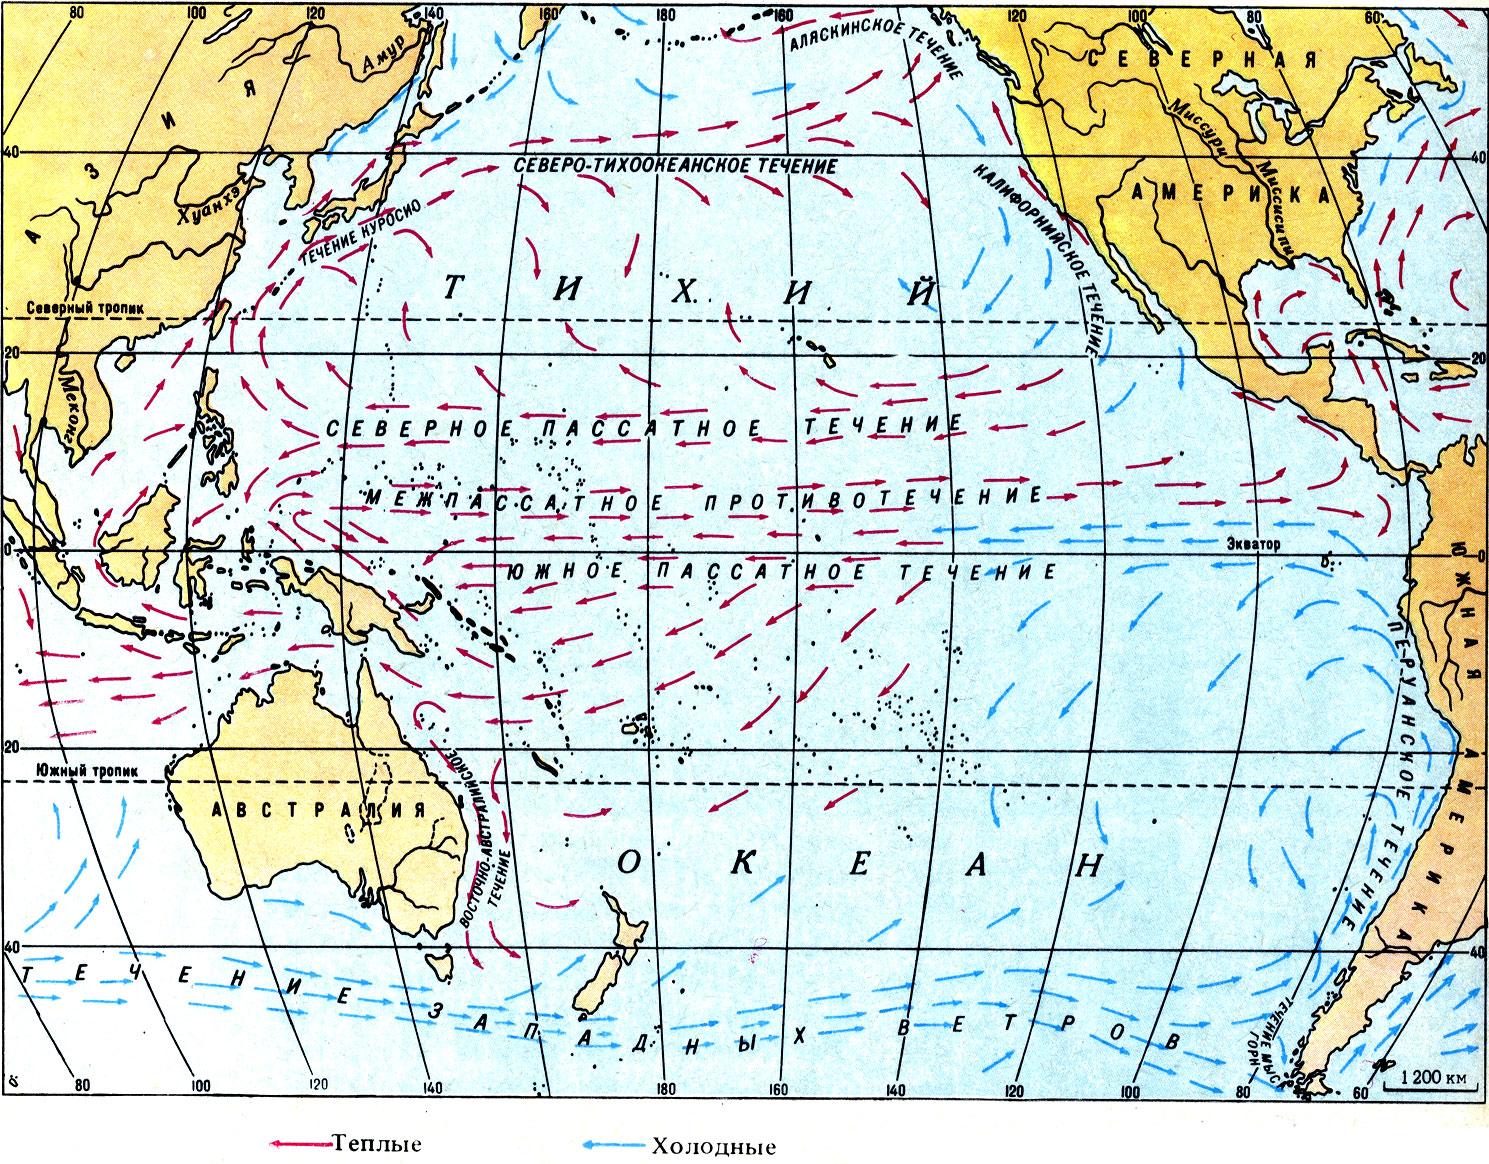 Течения в тихом океане